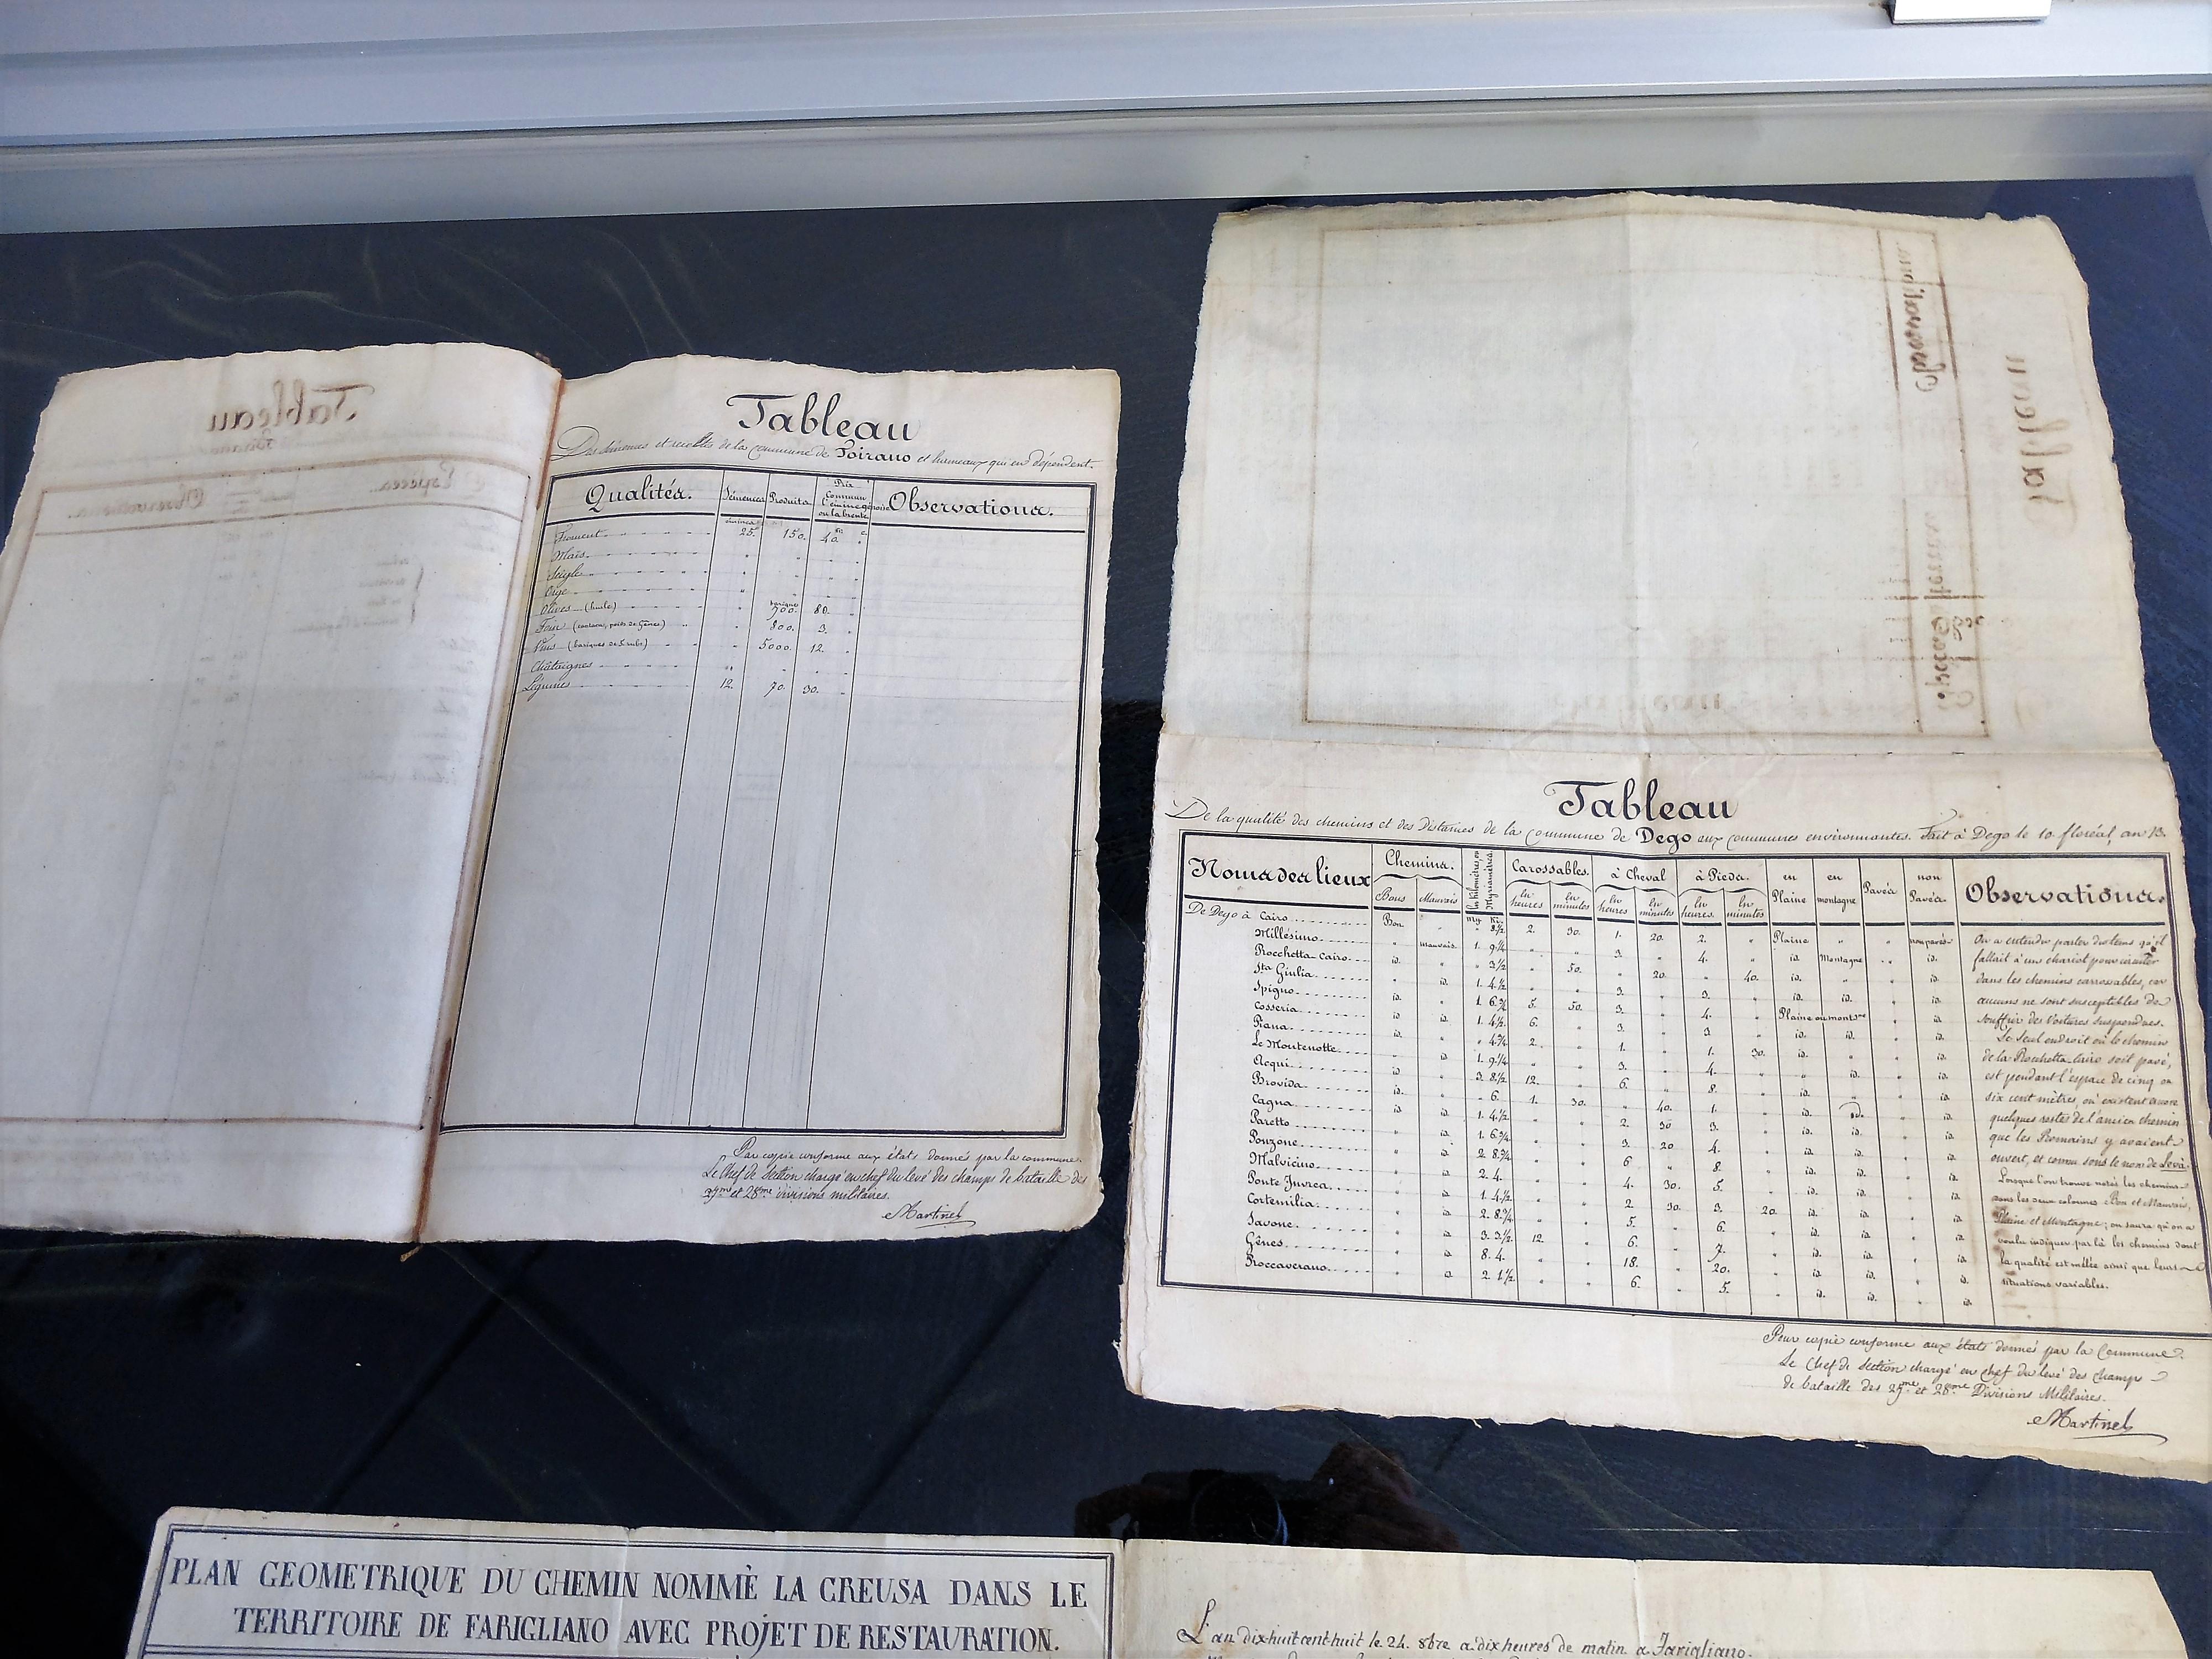 Dati statistici occorrenti per la stesura del catasto napoleonico